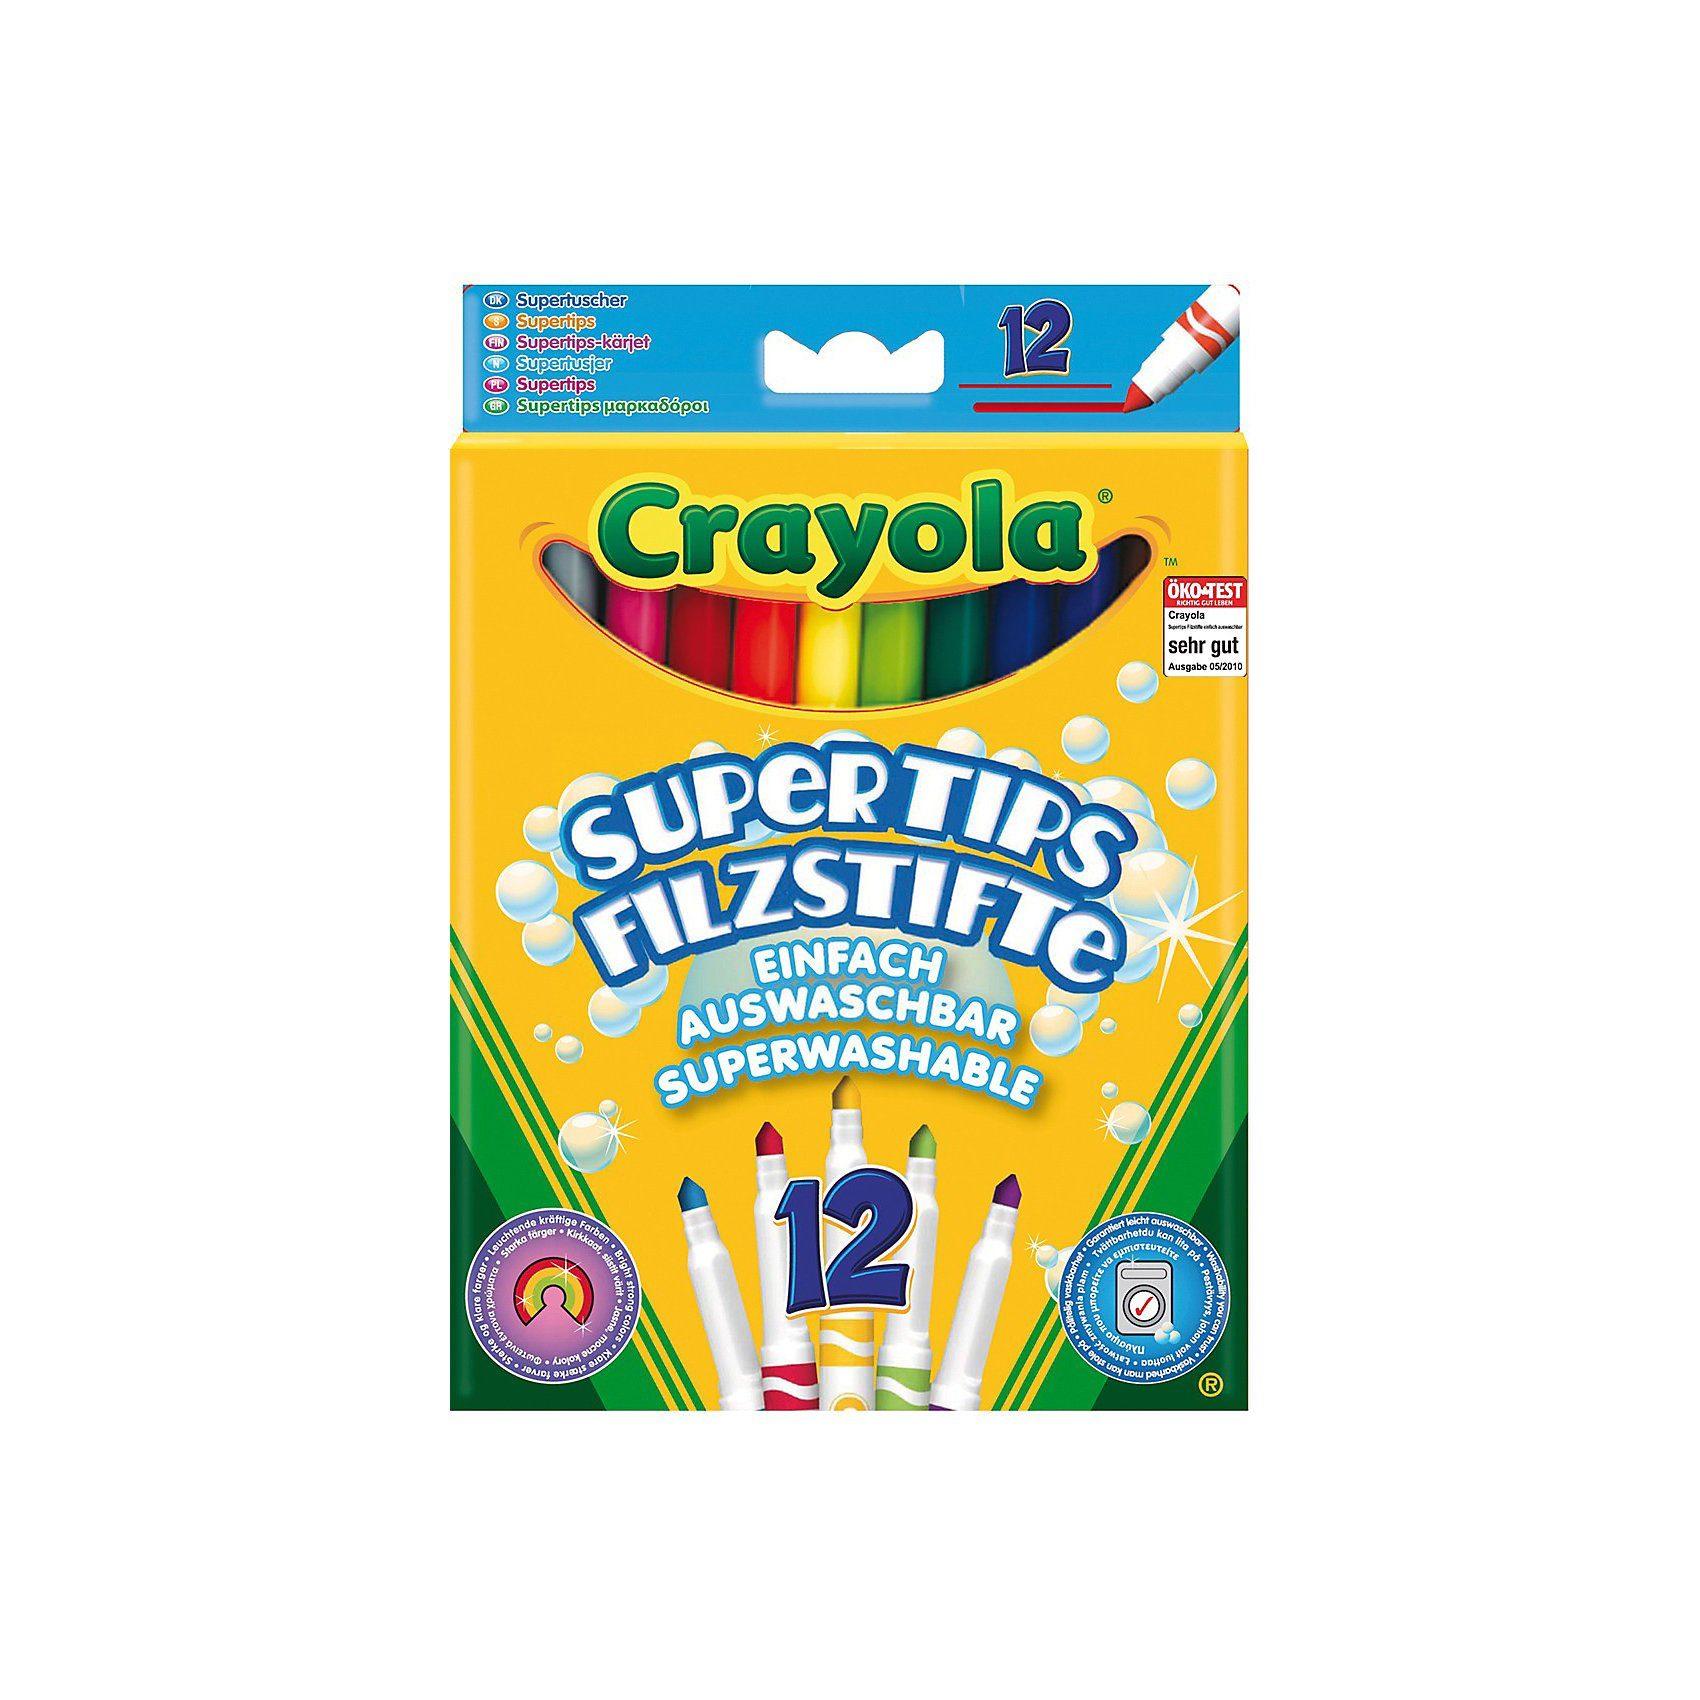 Crayola Filzstifte Supertips auswaschbar, 12 Farben